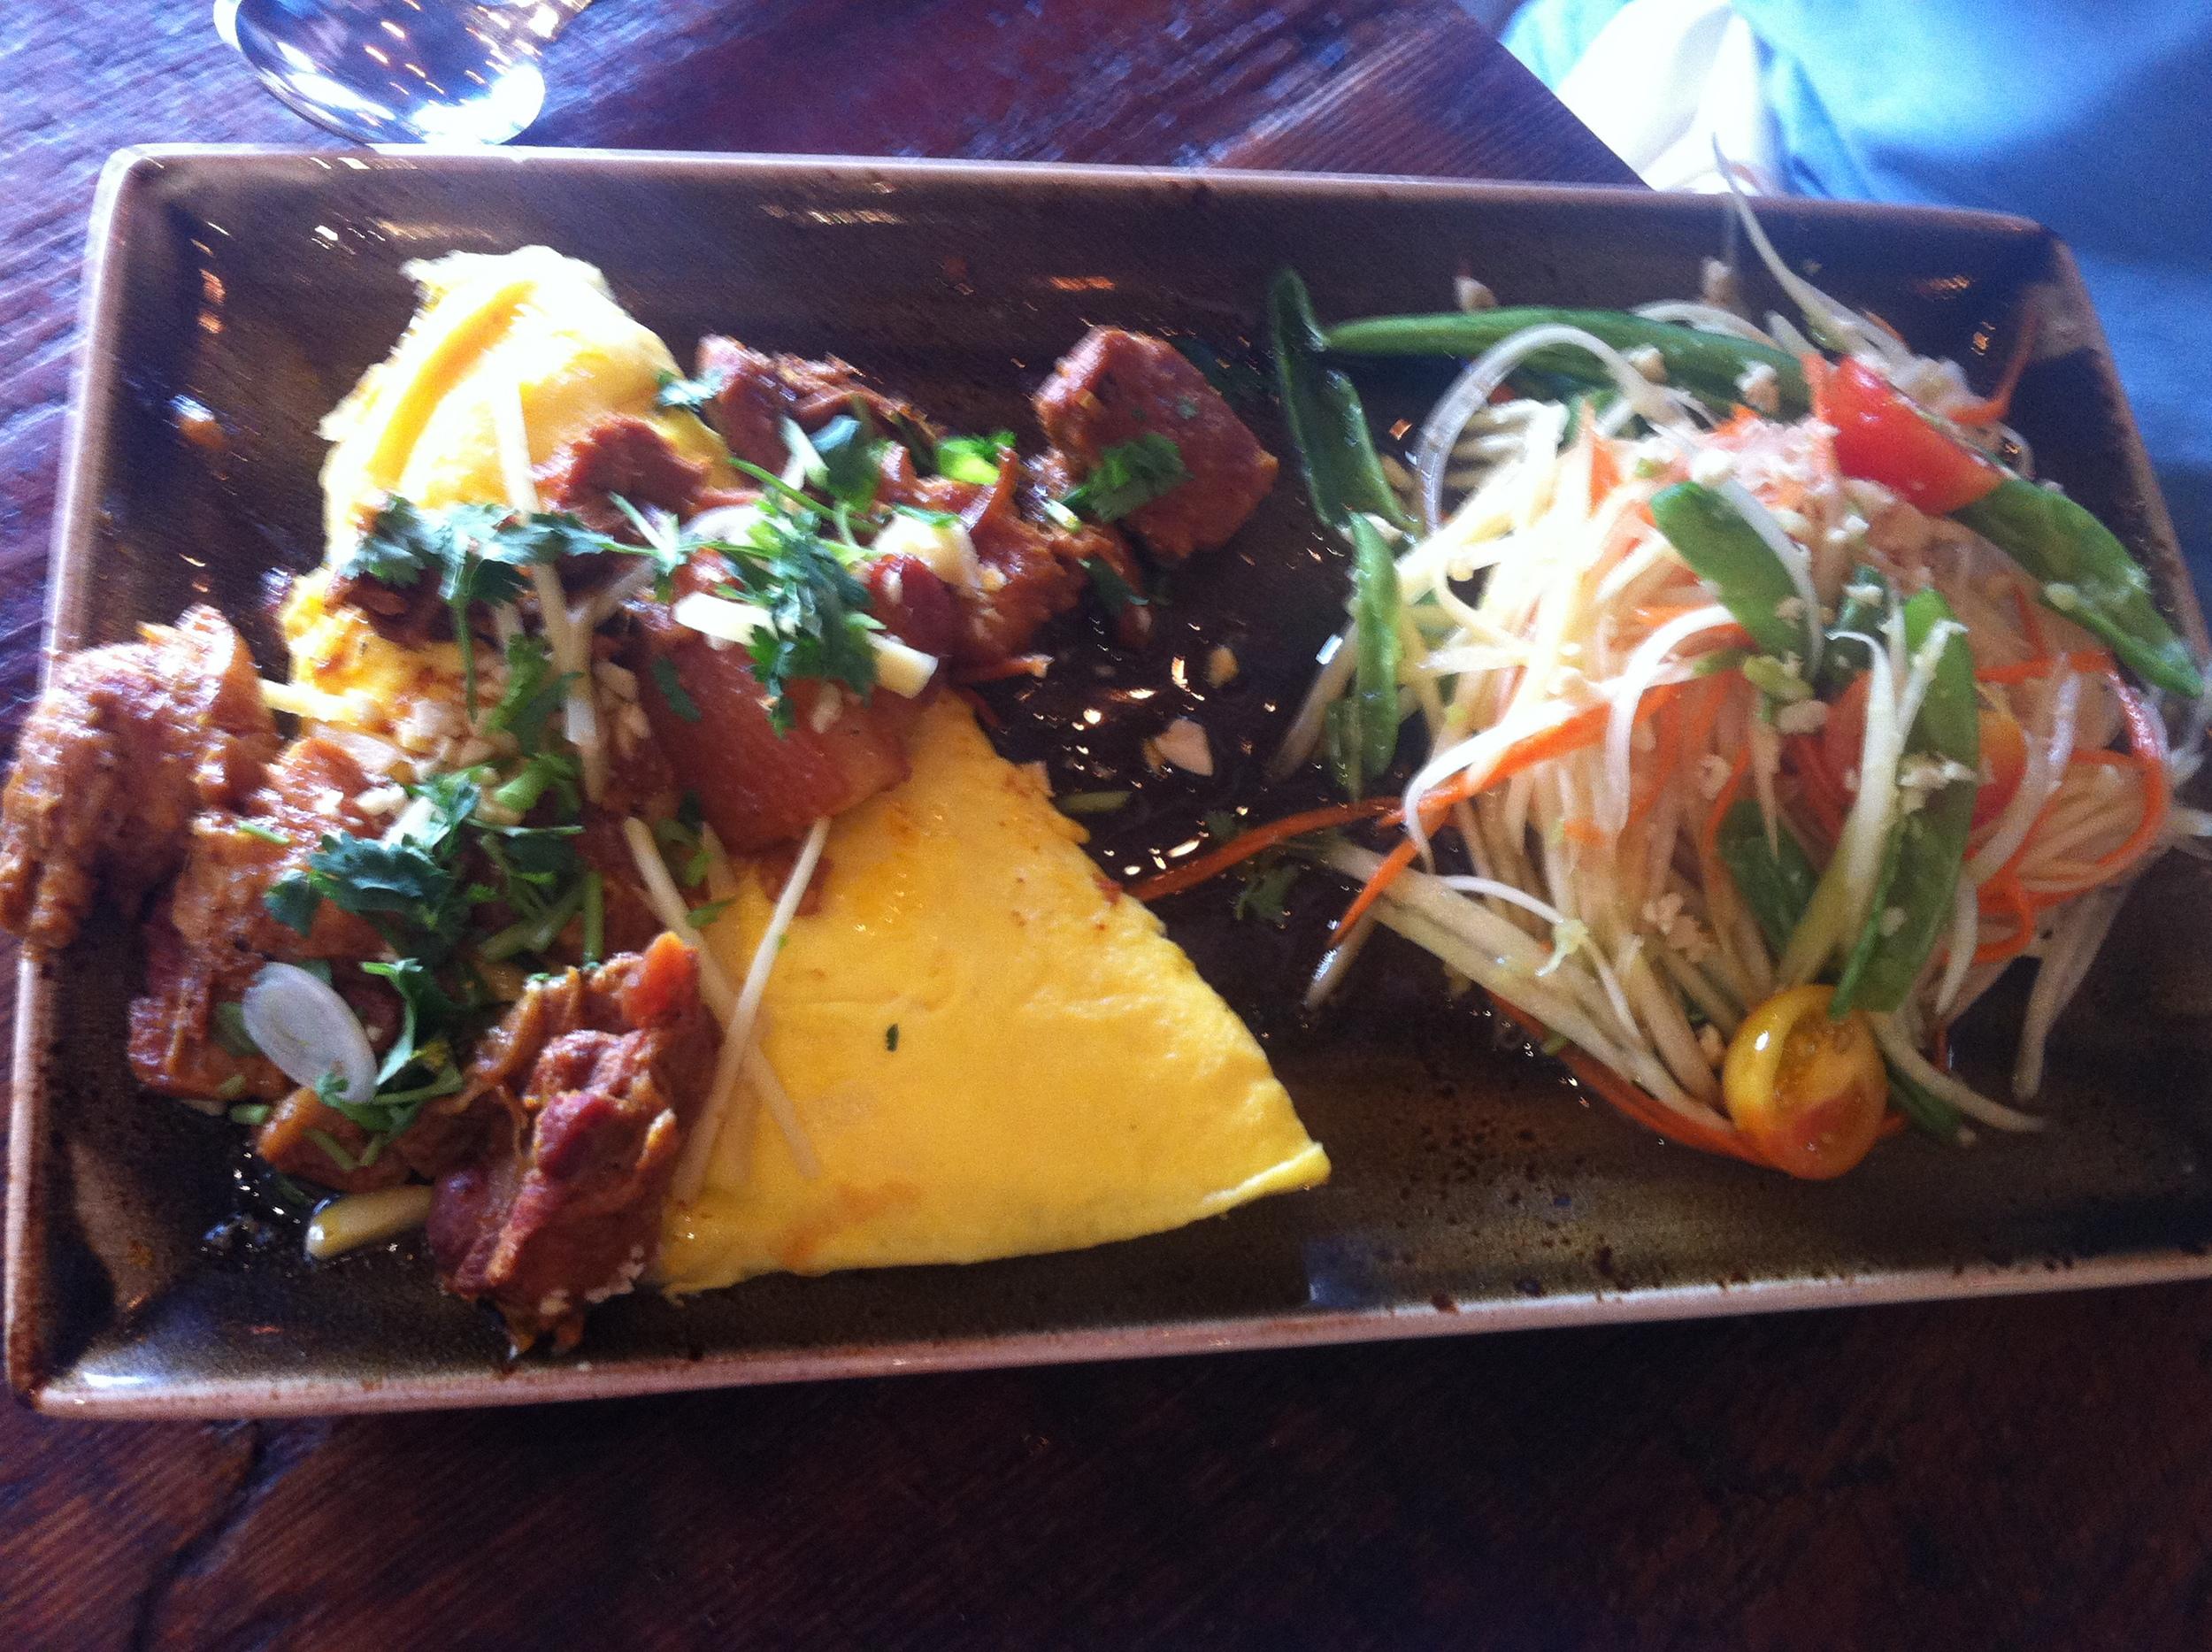 Pork Belly Curry Omelete   : Barriga de porco com  chilli  em pasta, capim santo, cúrcuma e alho. Acompanhado de salada de papaia verde. Meu marido raspou o prato.